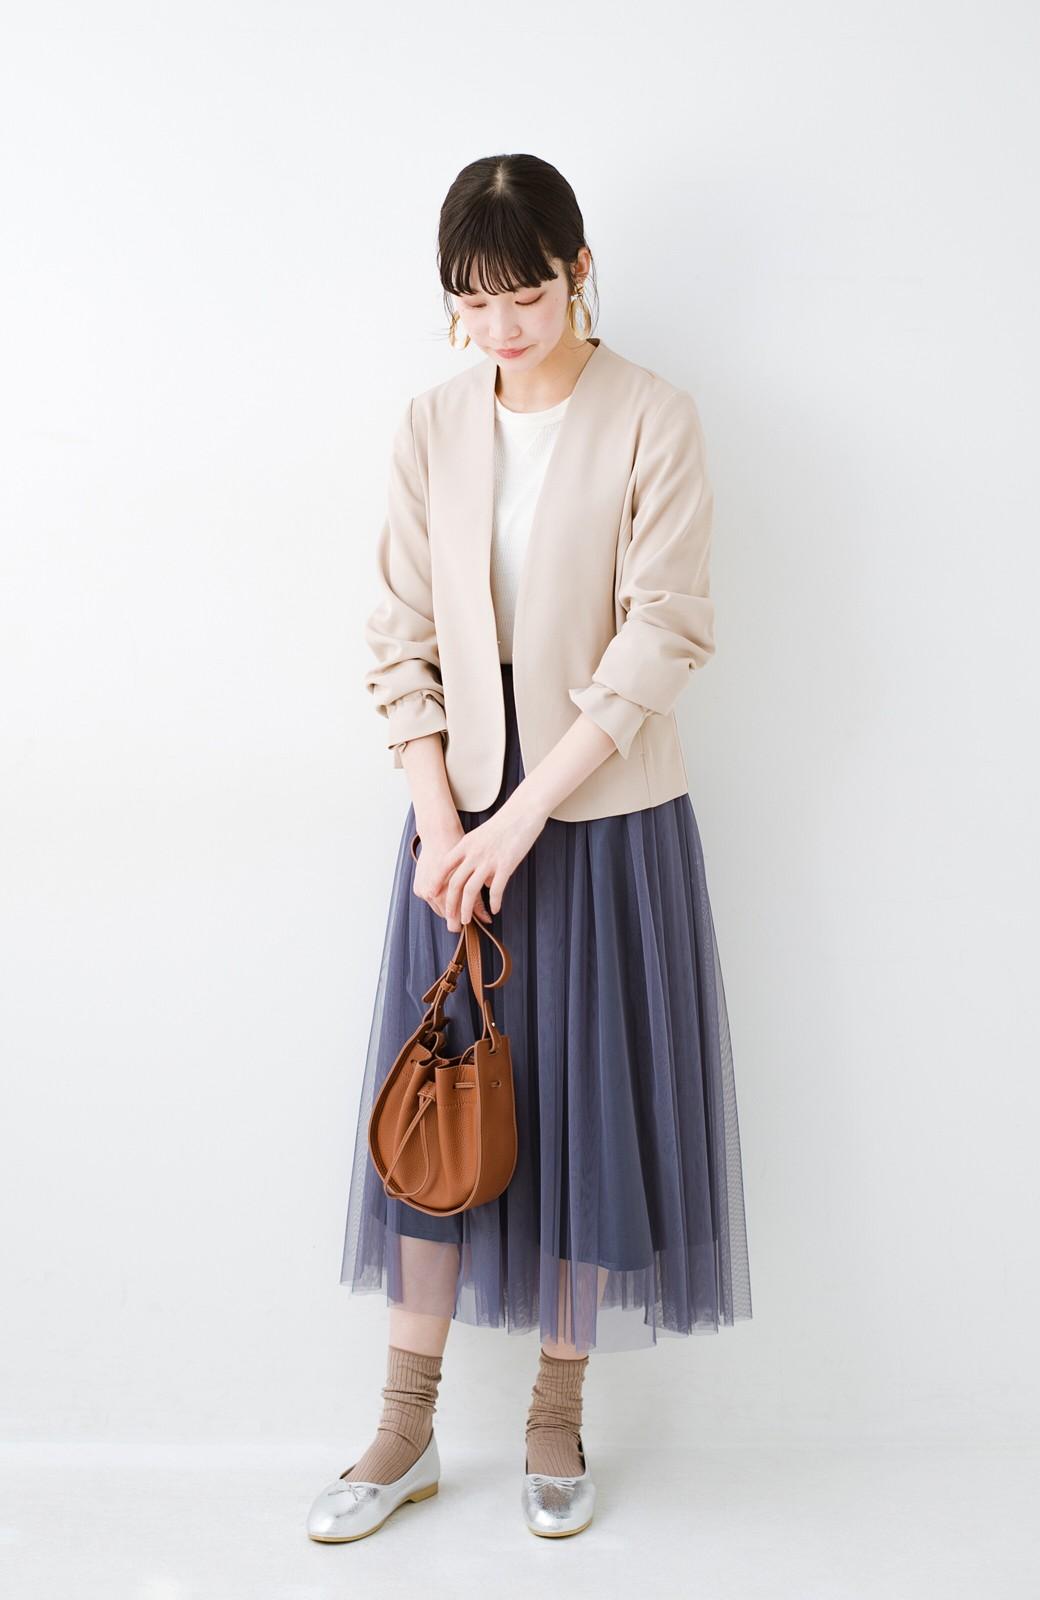 haco! 着るだけでルンとした気分になる! 長ーーい季節着られてずっと使えるオトナのためのチュールスカート <ネイビー>の商品写真5